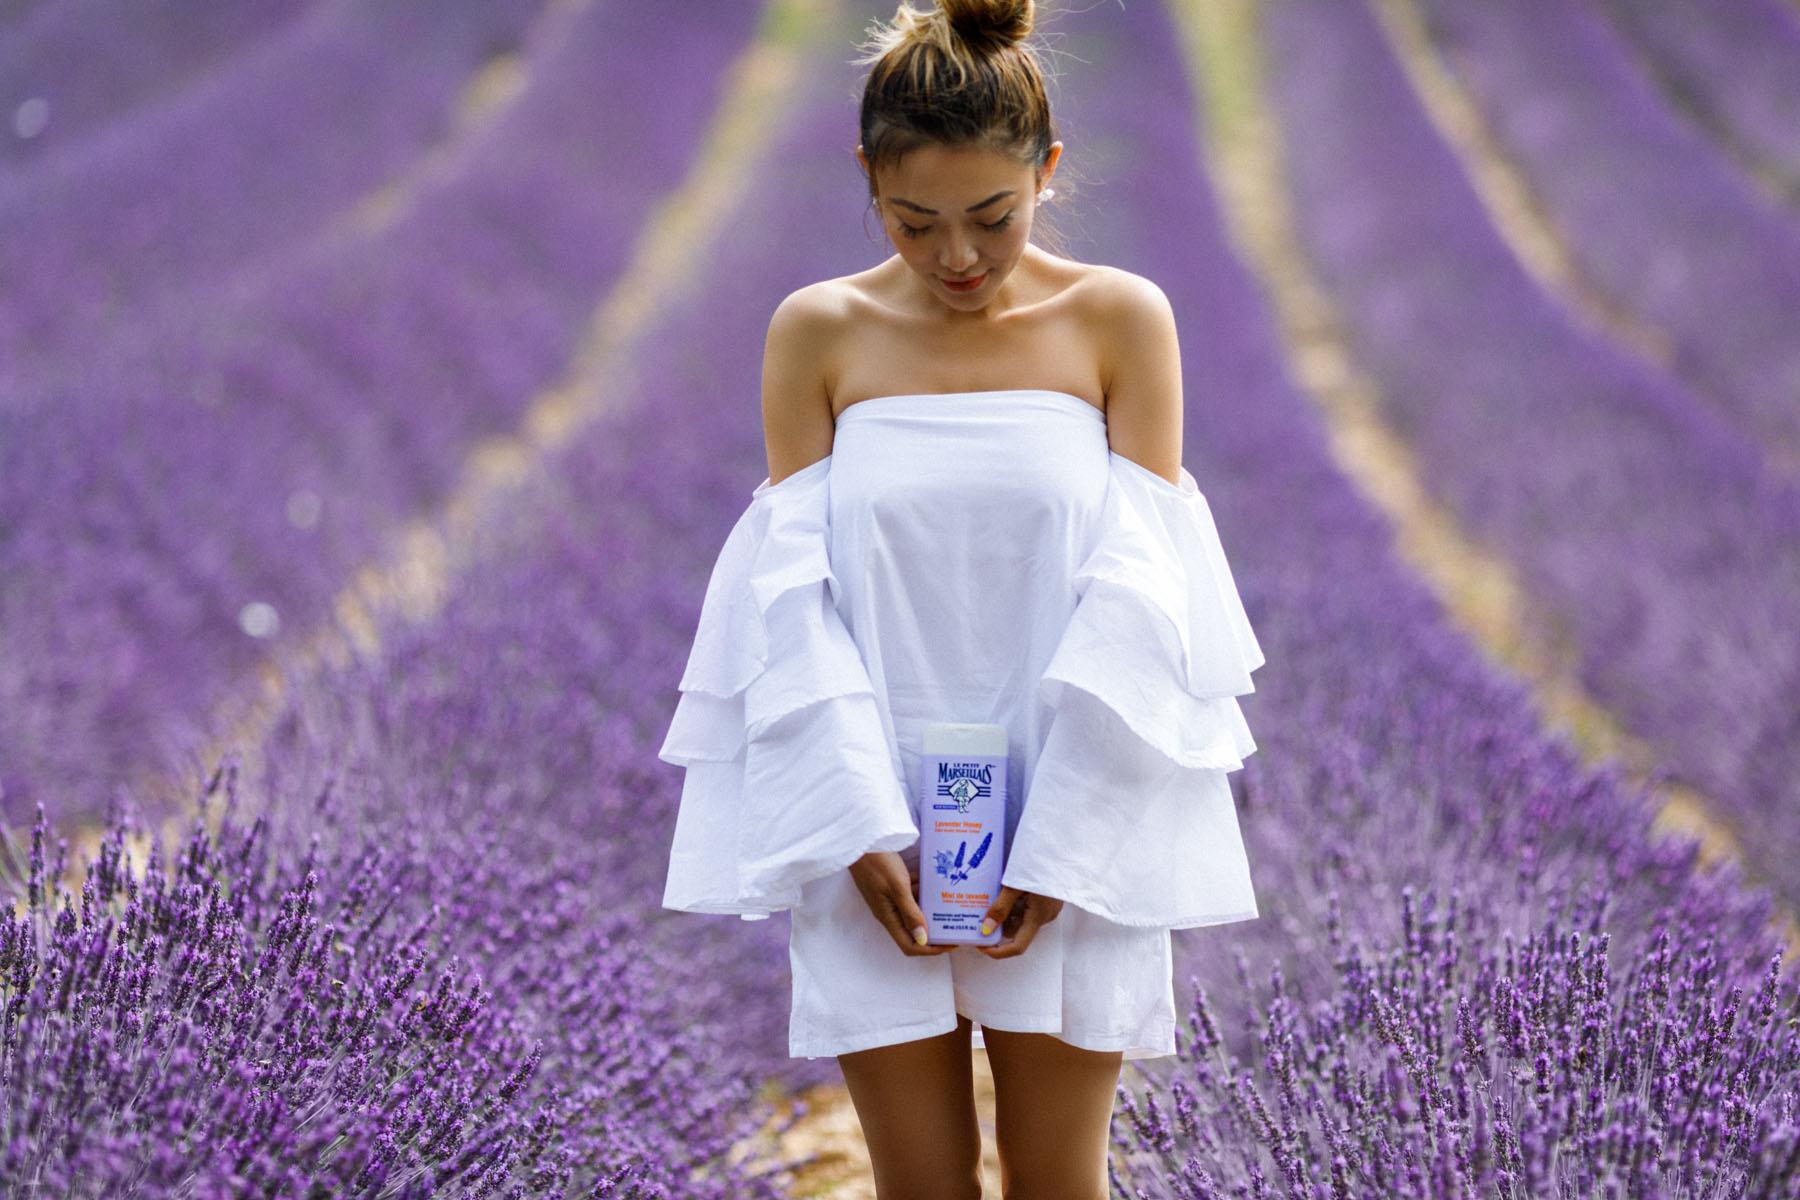 Le Petit Marseillais - A Souvenir from Provence // NotJessFashion.com